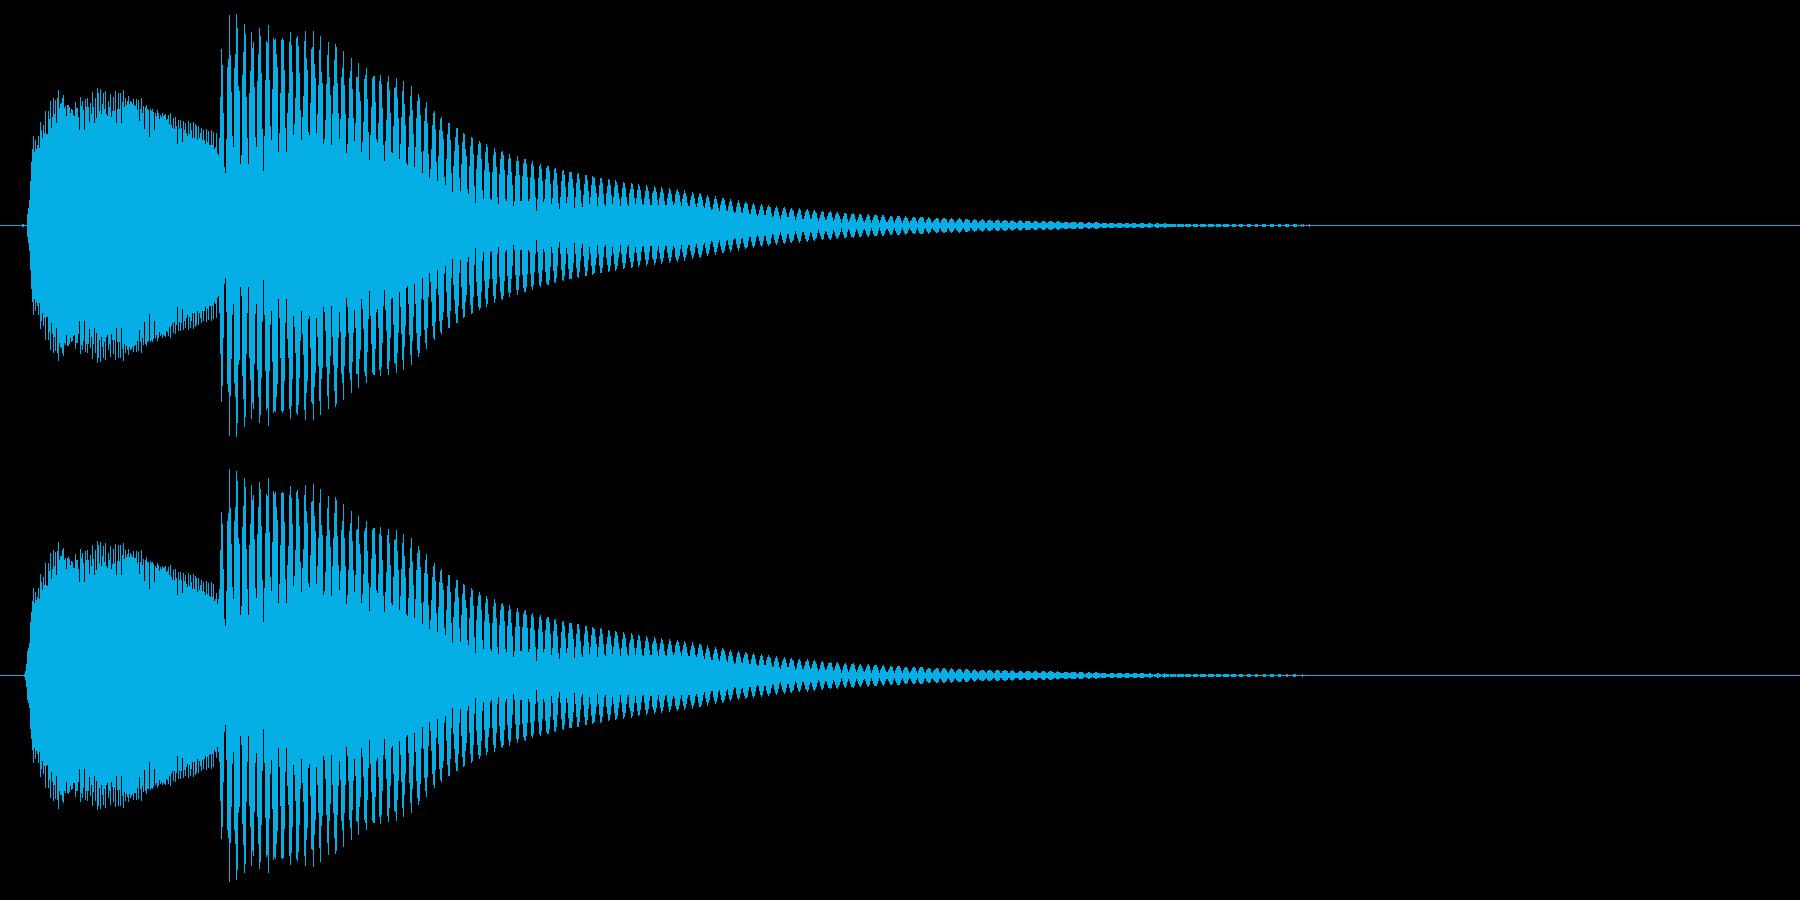 ポカン、とコミカルで明るい音の再生済みの波形